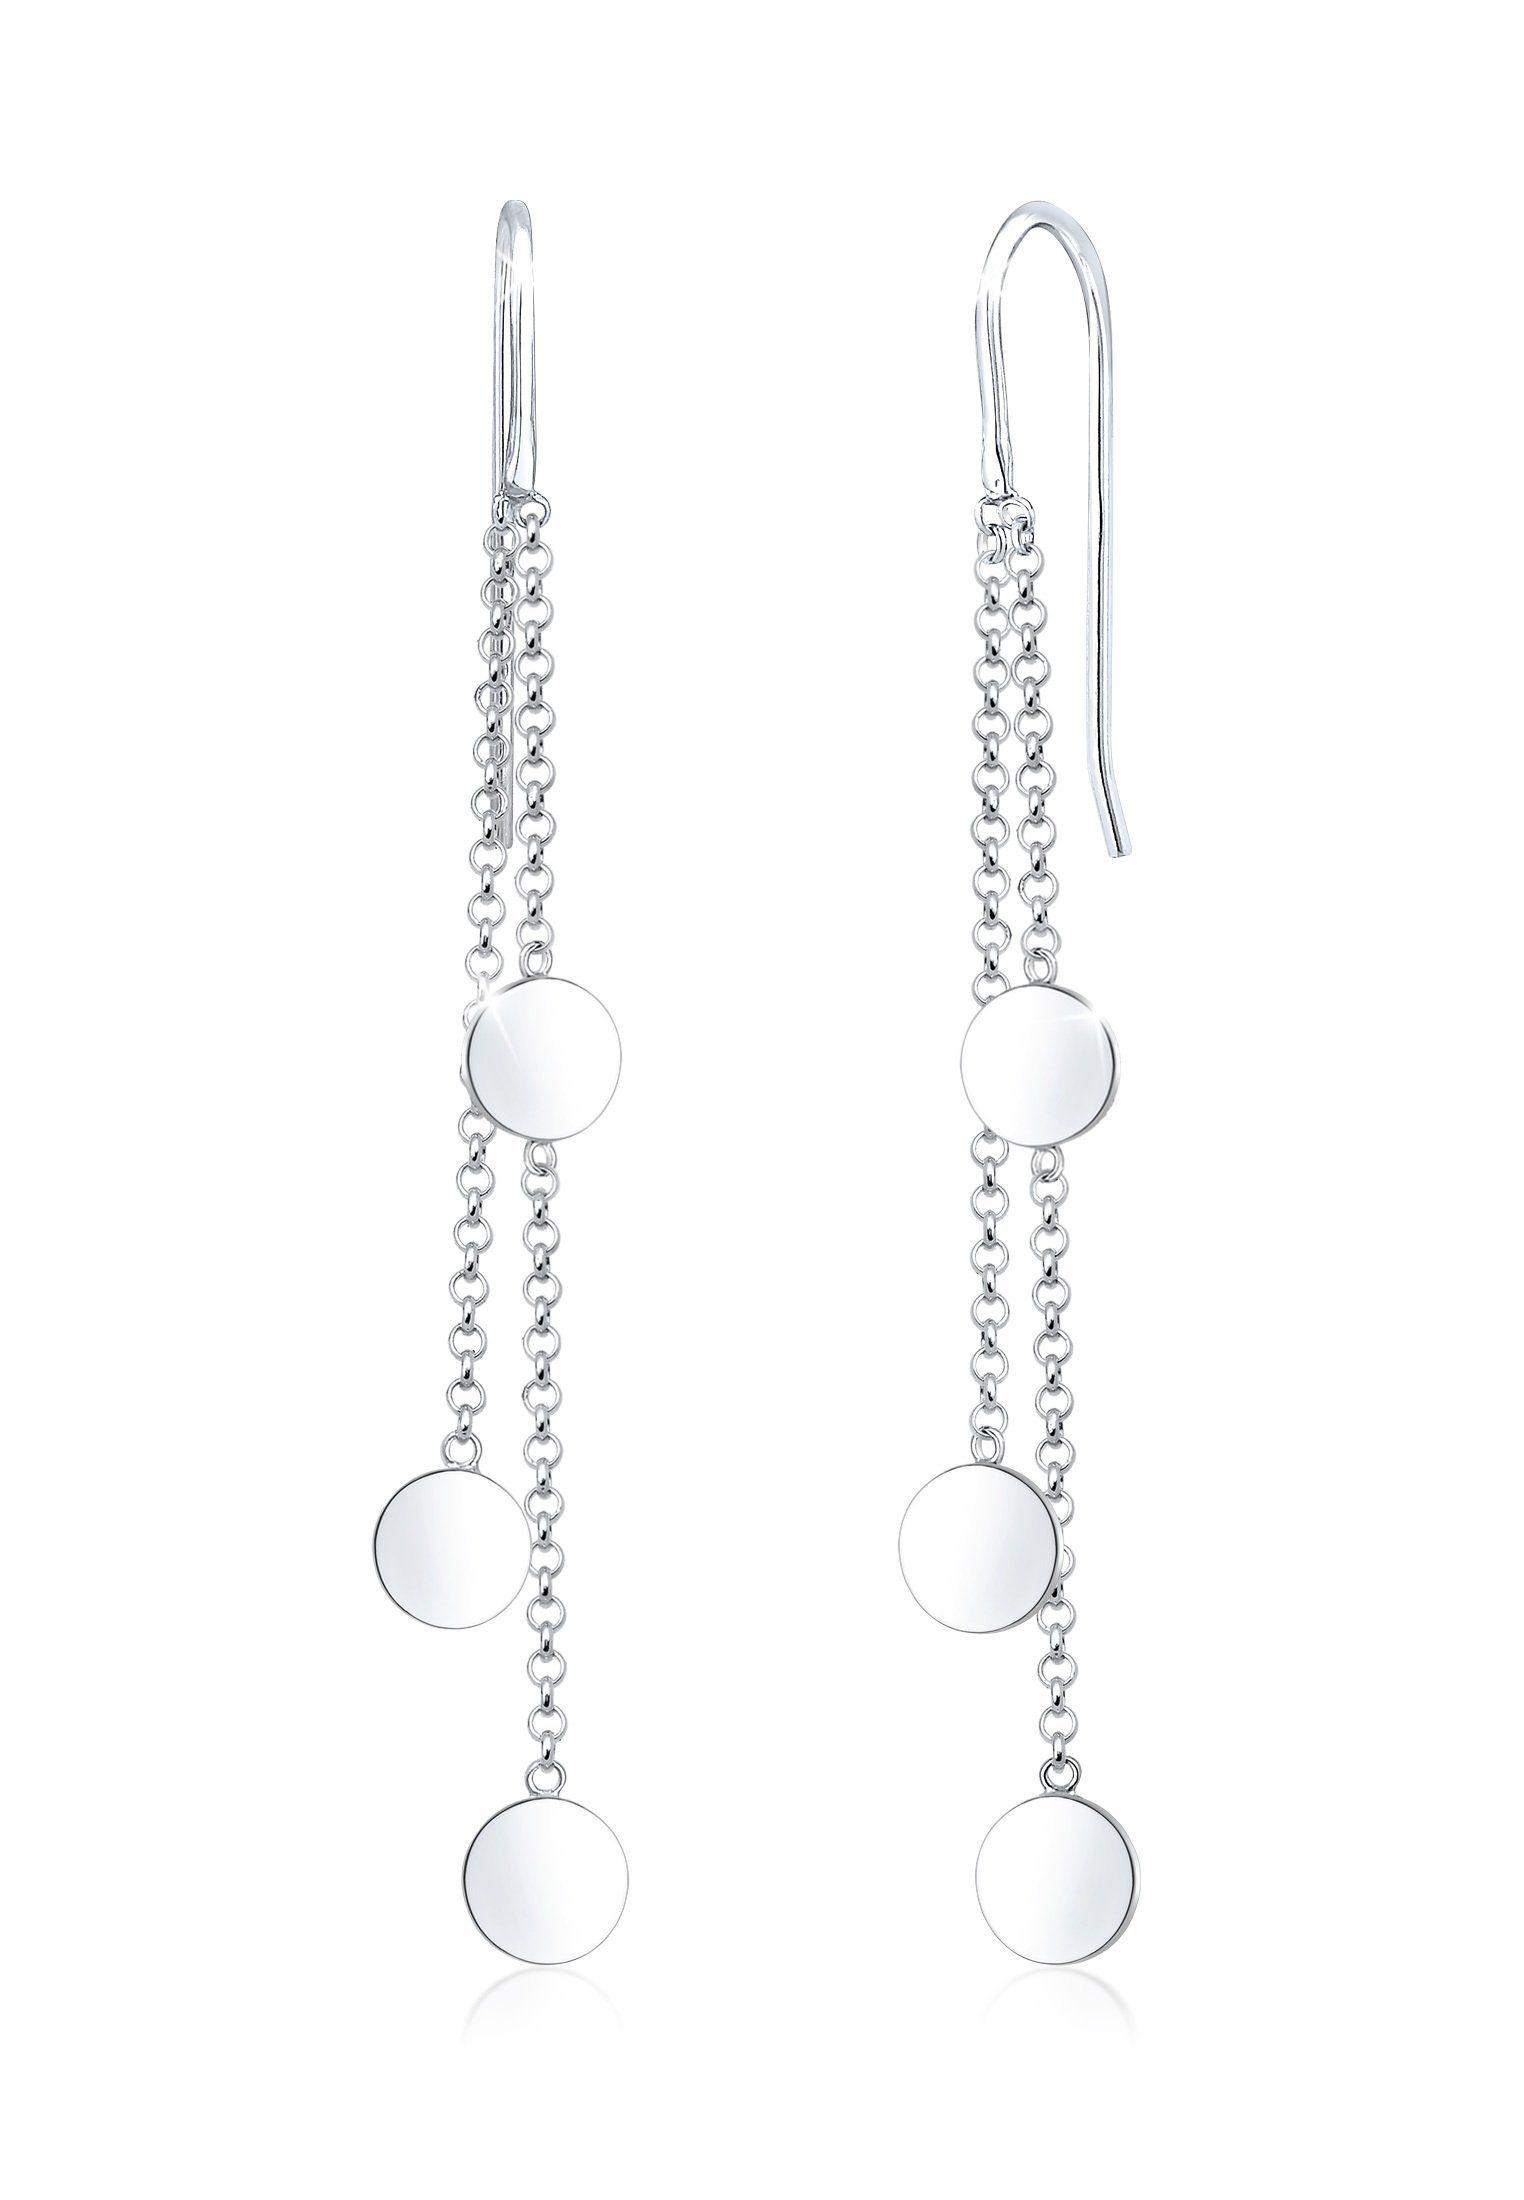 Elli Paar Ohrhänger »Ohrhänger Geo Kreis Plättchen Trend 925er Silber«